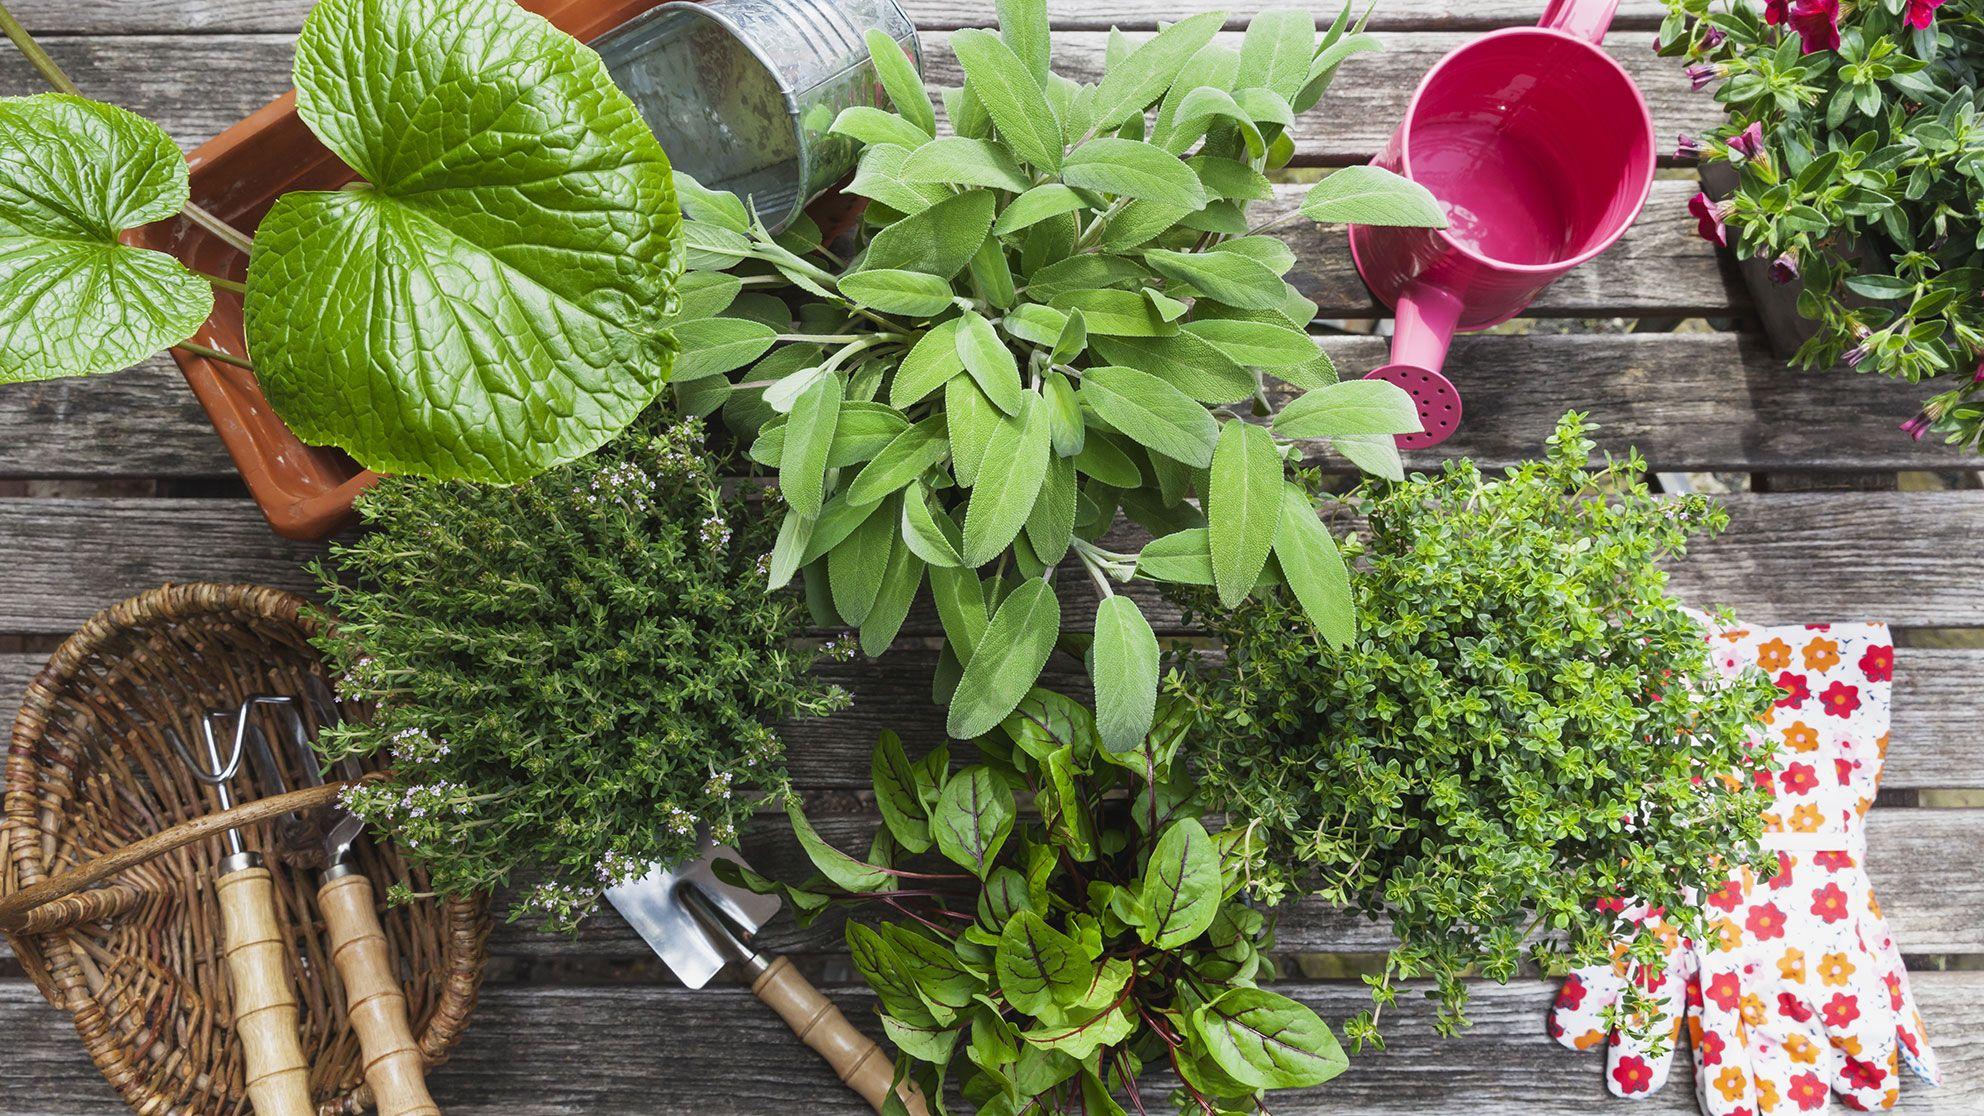 Creer Un Jardin D Herbes Aromatiques Conseils Pour La Cuisine